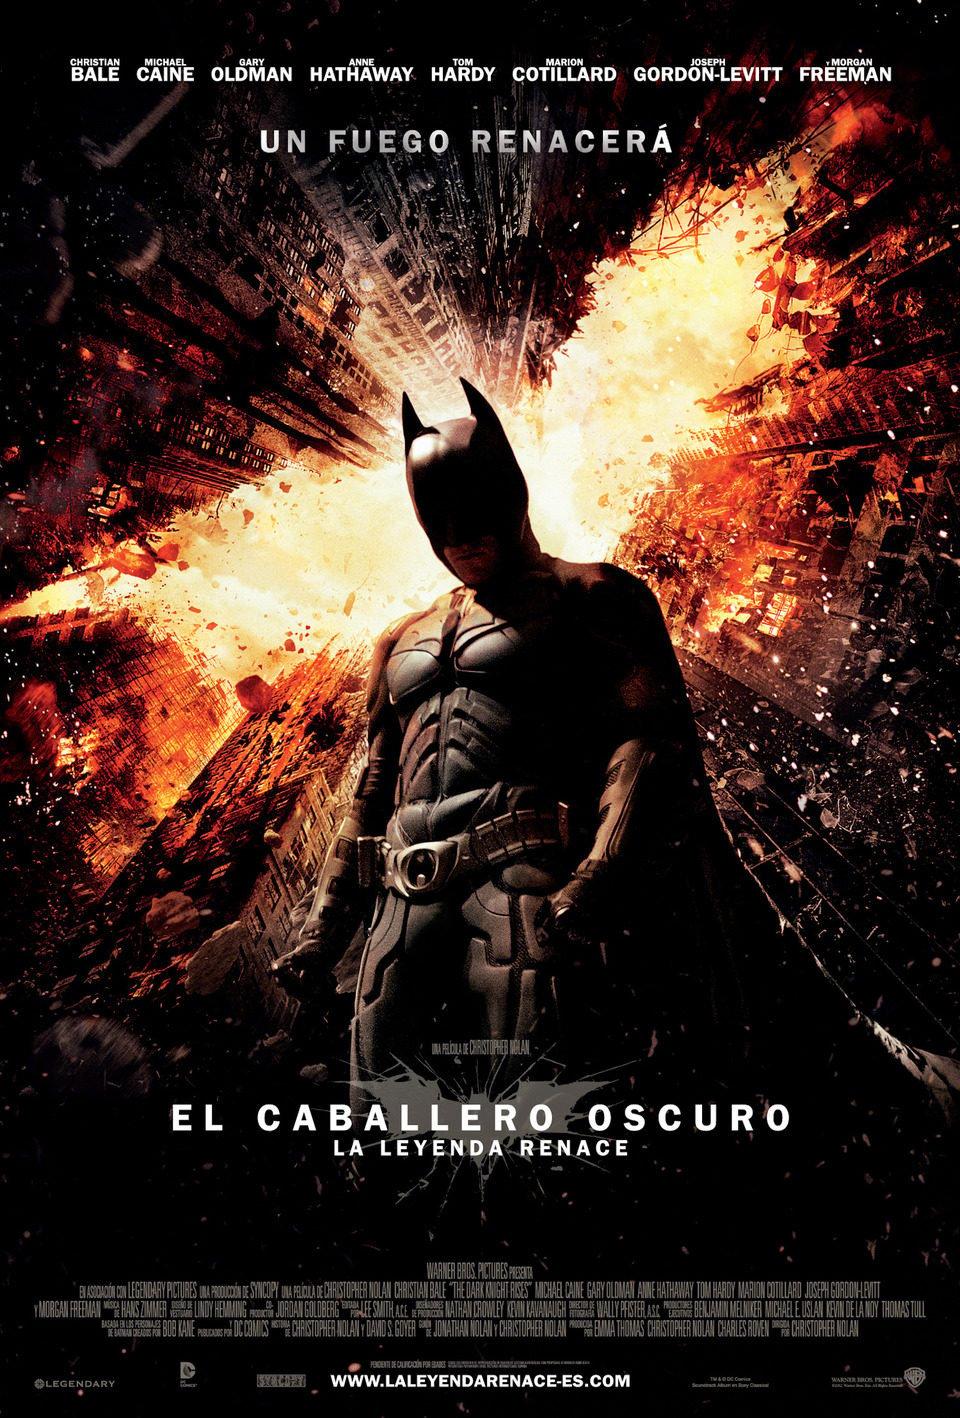 Cartel España #2 de 'El Caballero Oscuro: La leyenda renace'